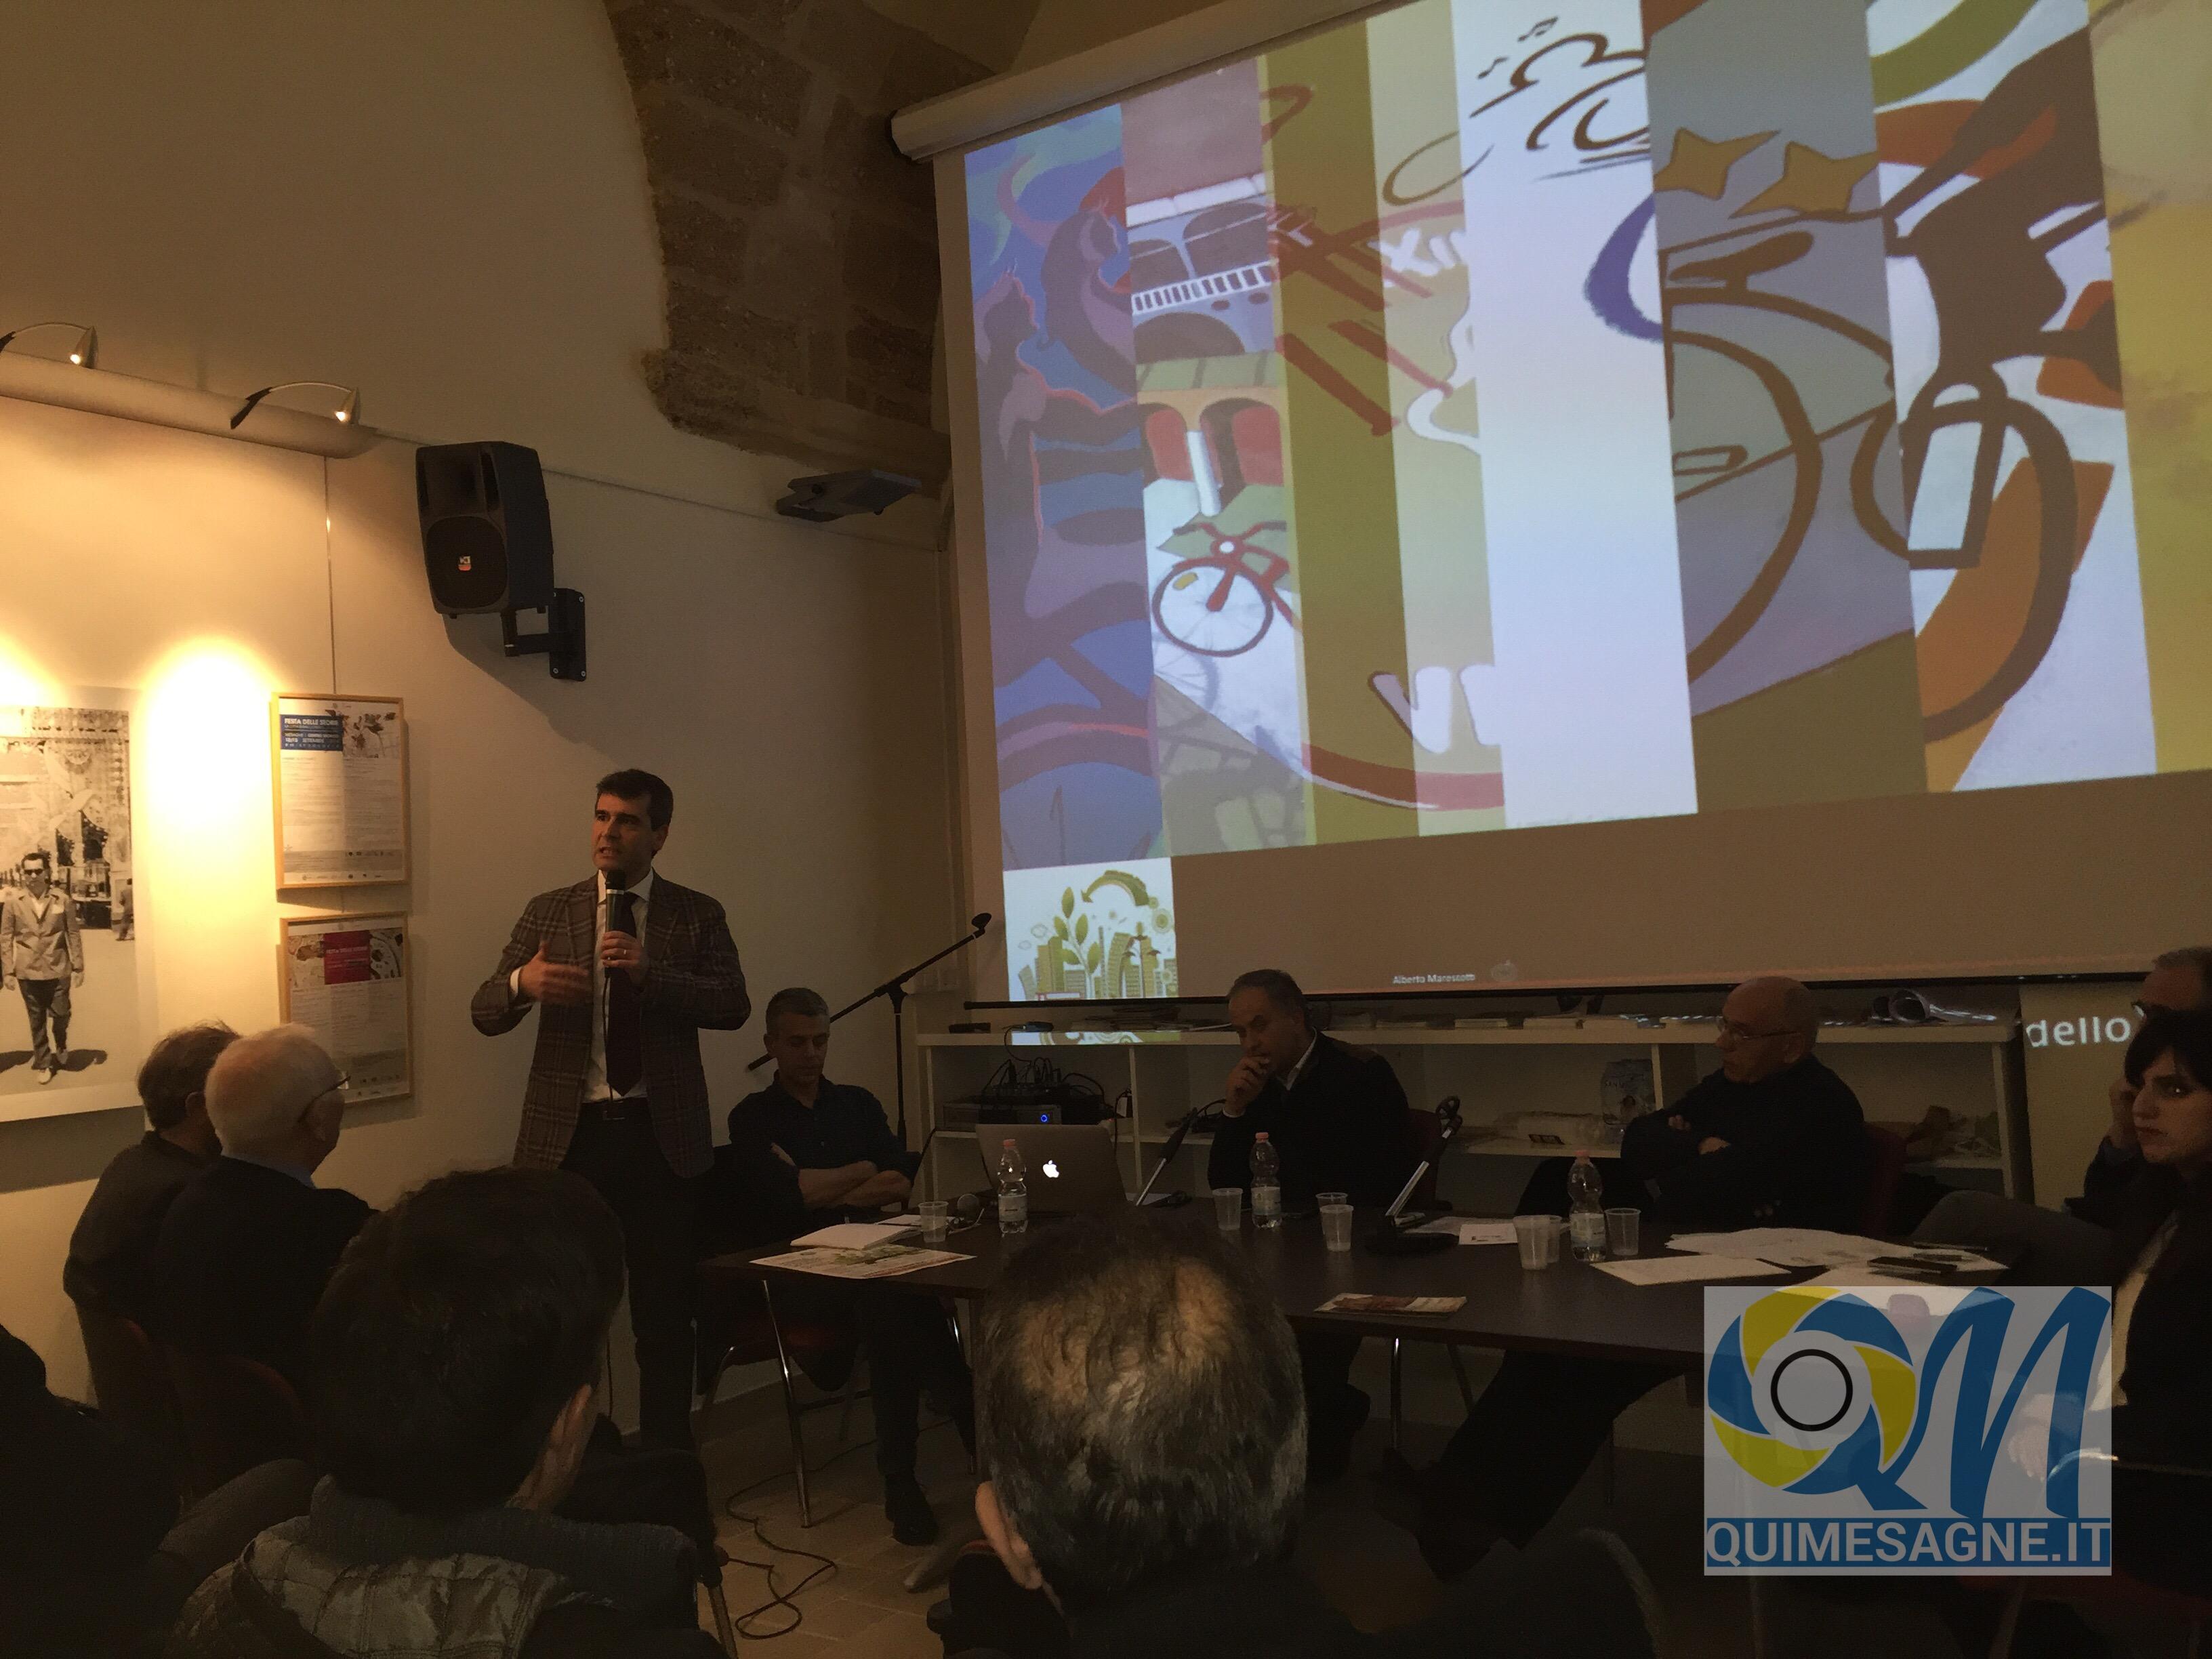 Mobilità sostenibile e sicurezza stradale, un disegno per Mesagne – riguarda il video della serata